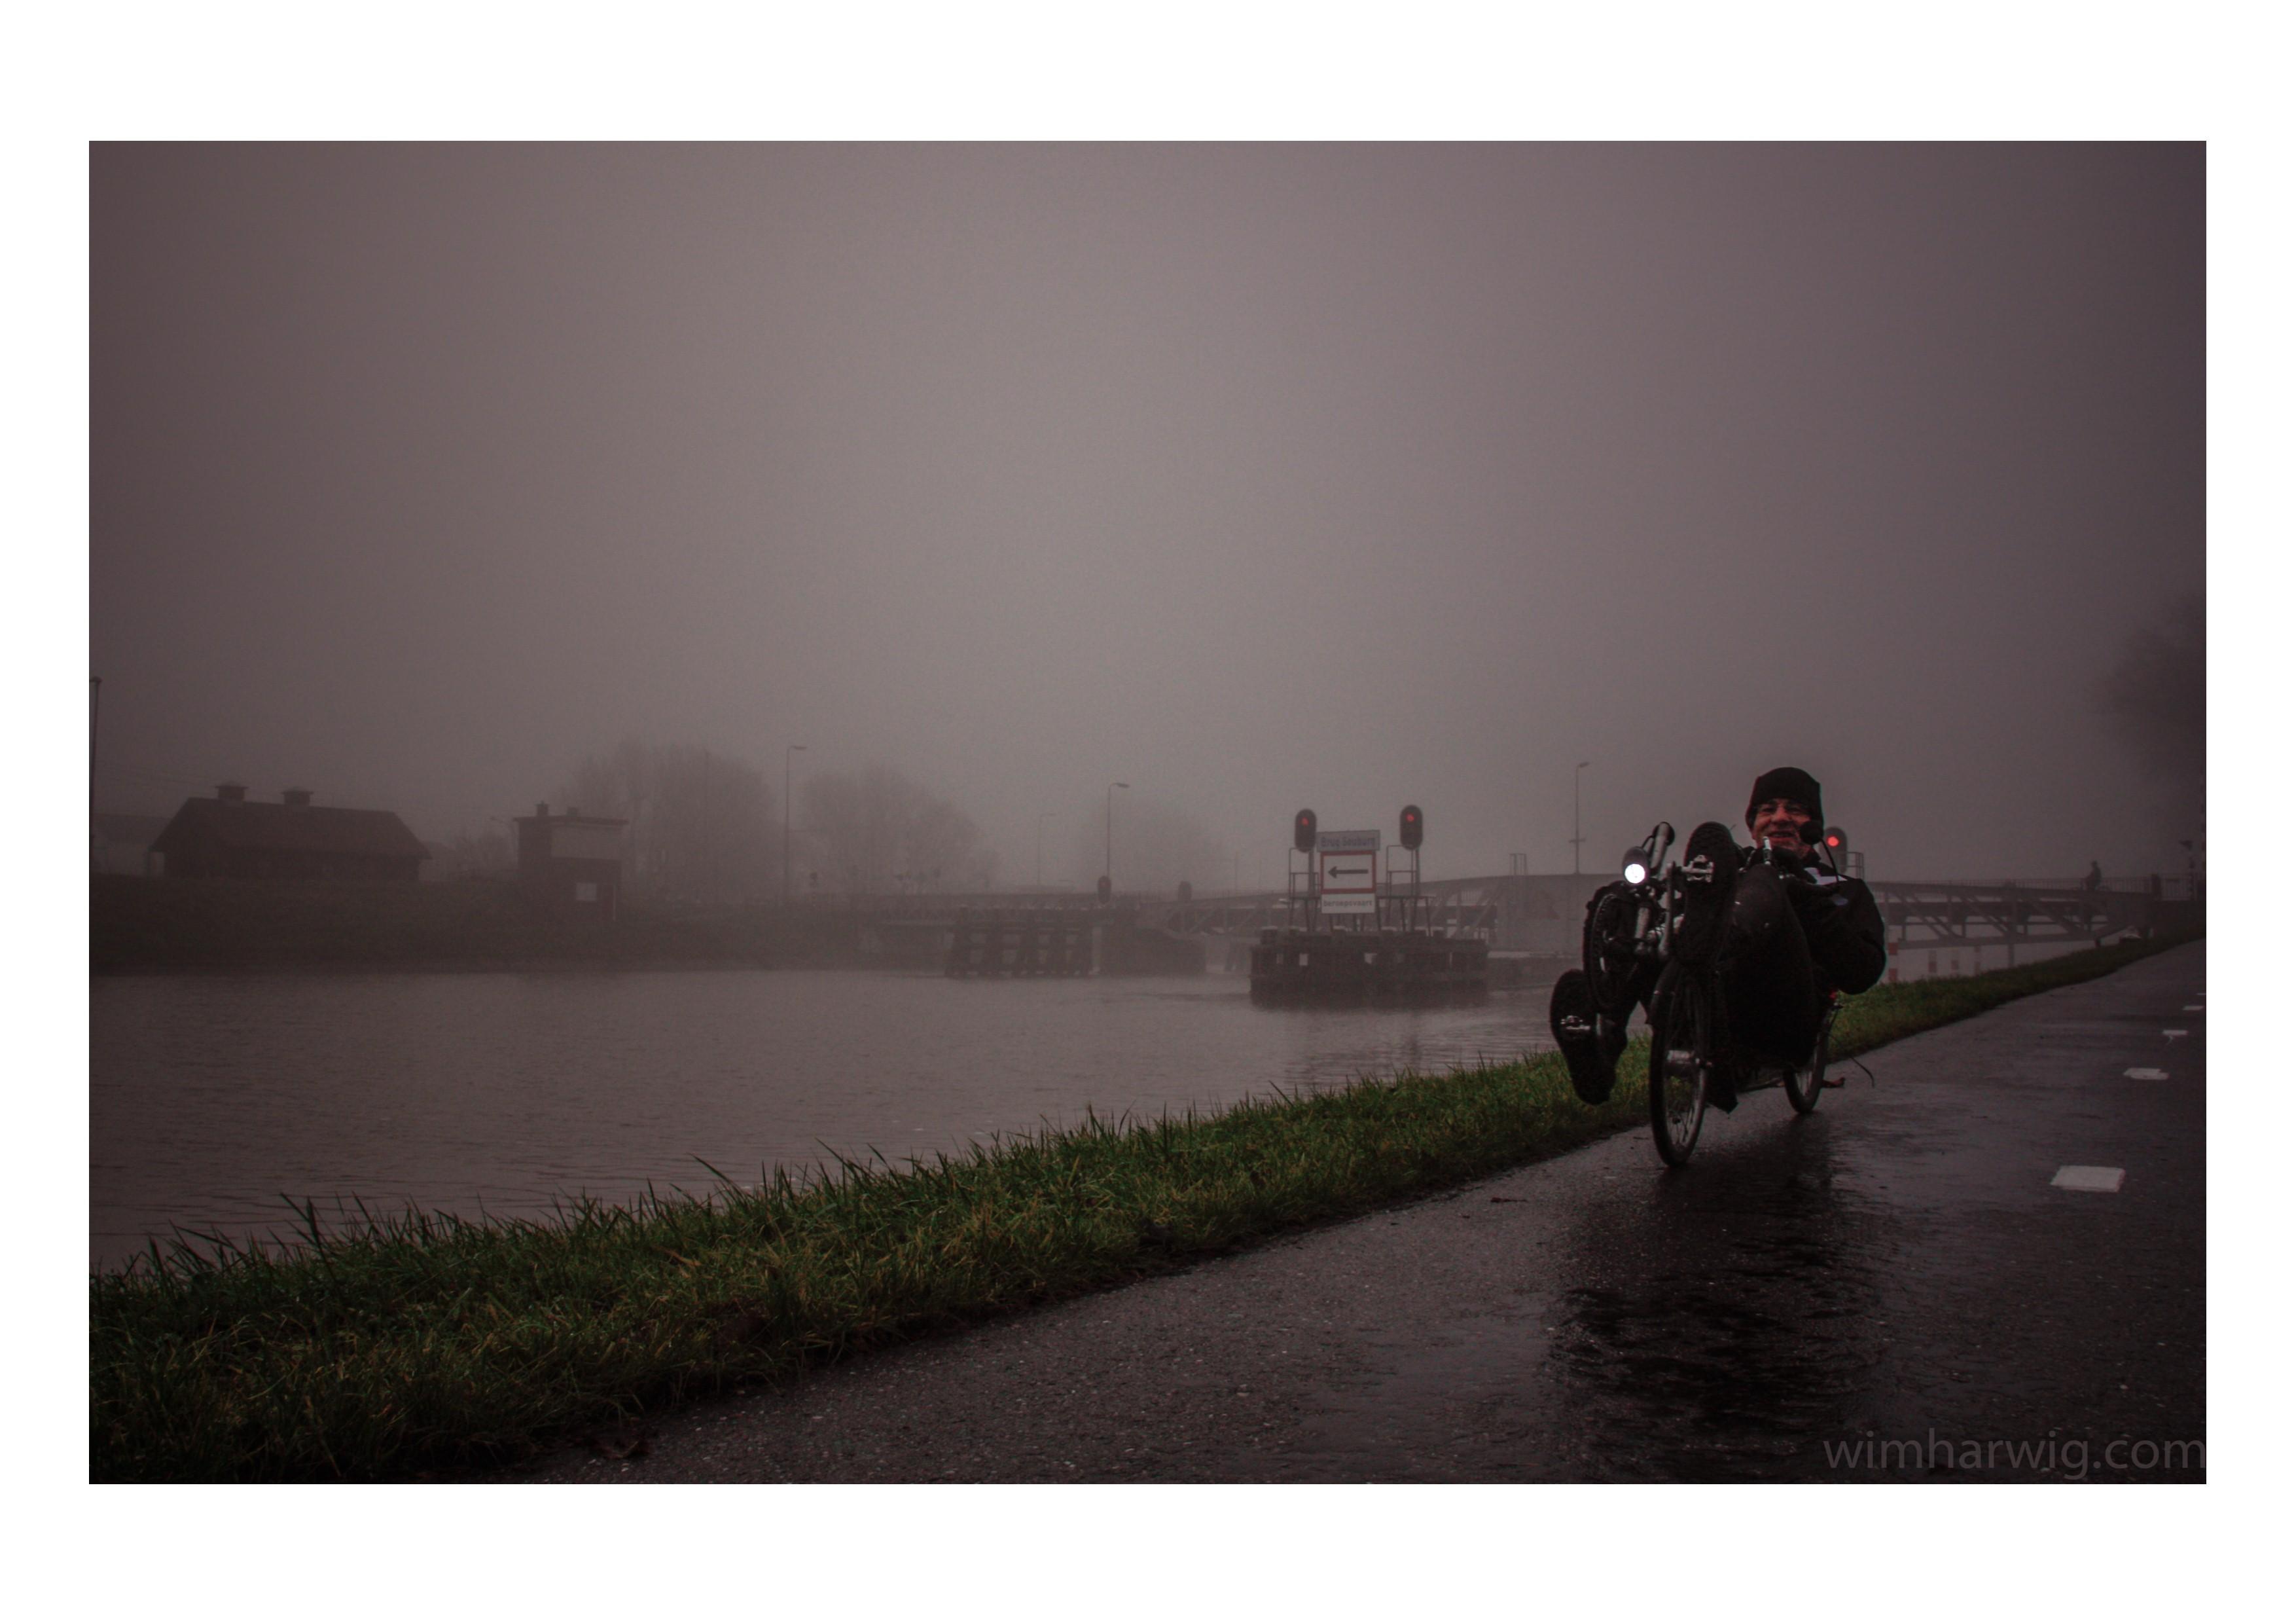 zephyr bij draaibrug Oost-Souburg